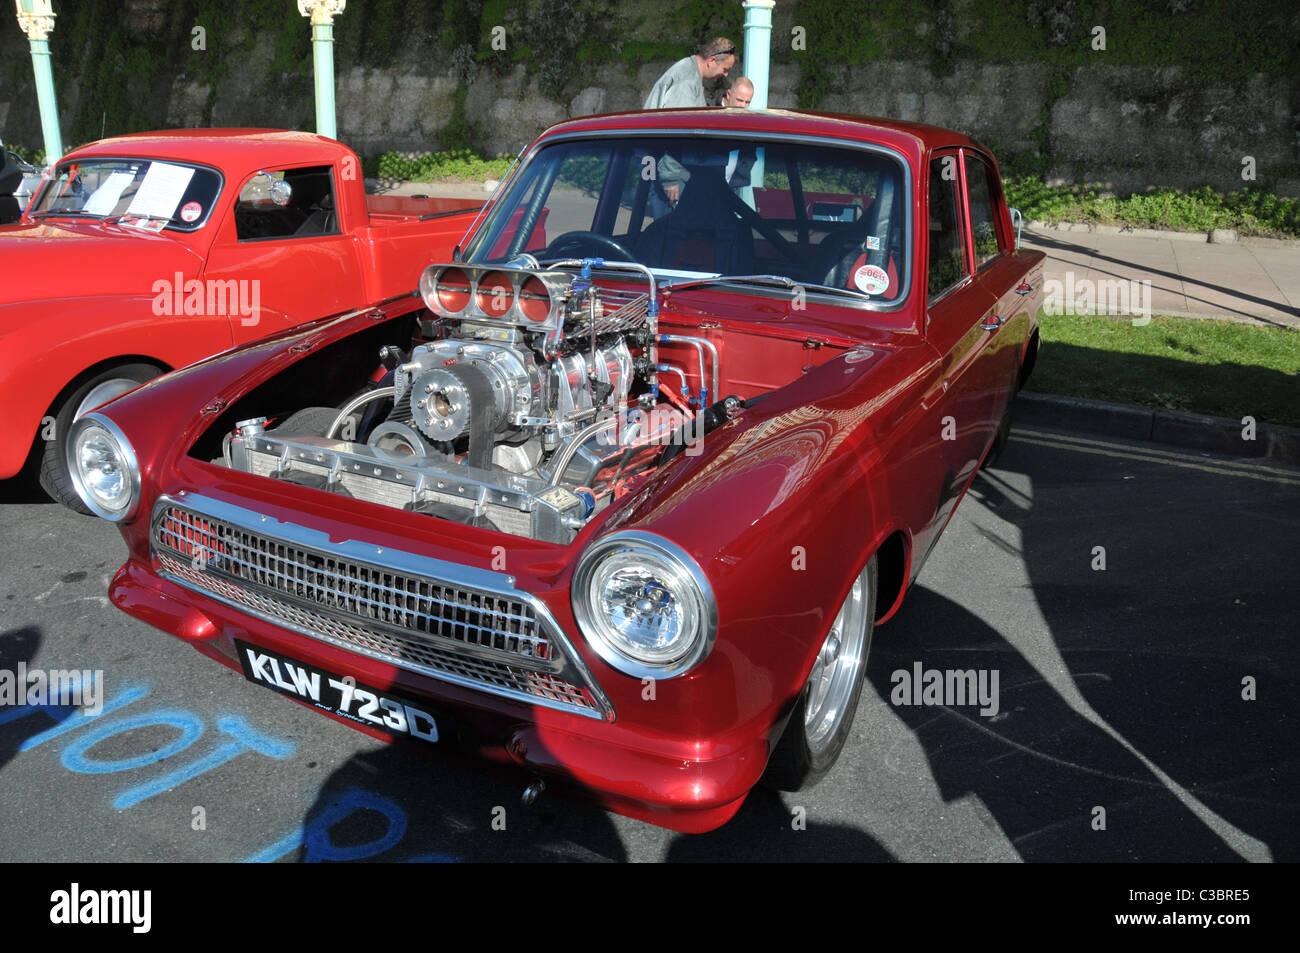 Ford Cortina Mk 1 Hot Rod Stock Photo, Royalty Free Image: 36524605 ...